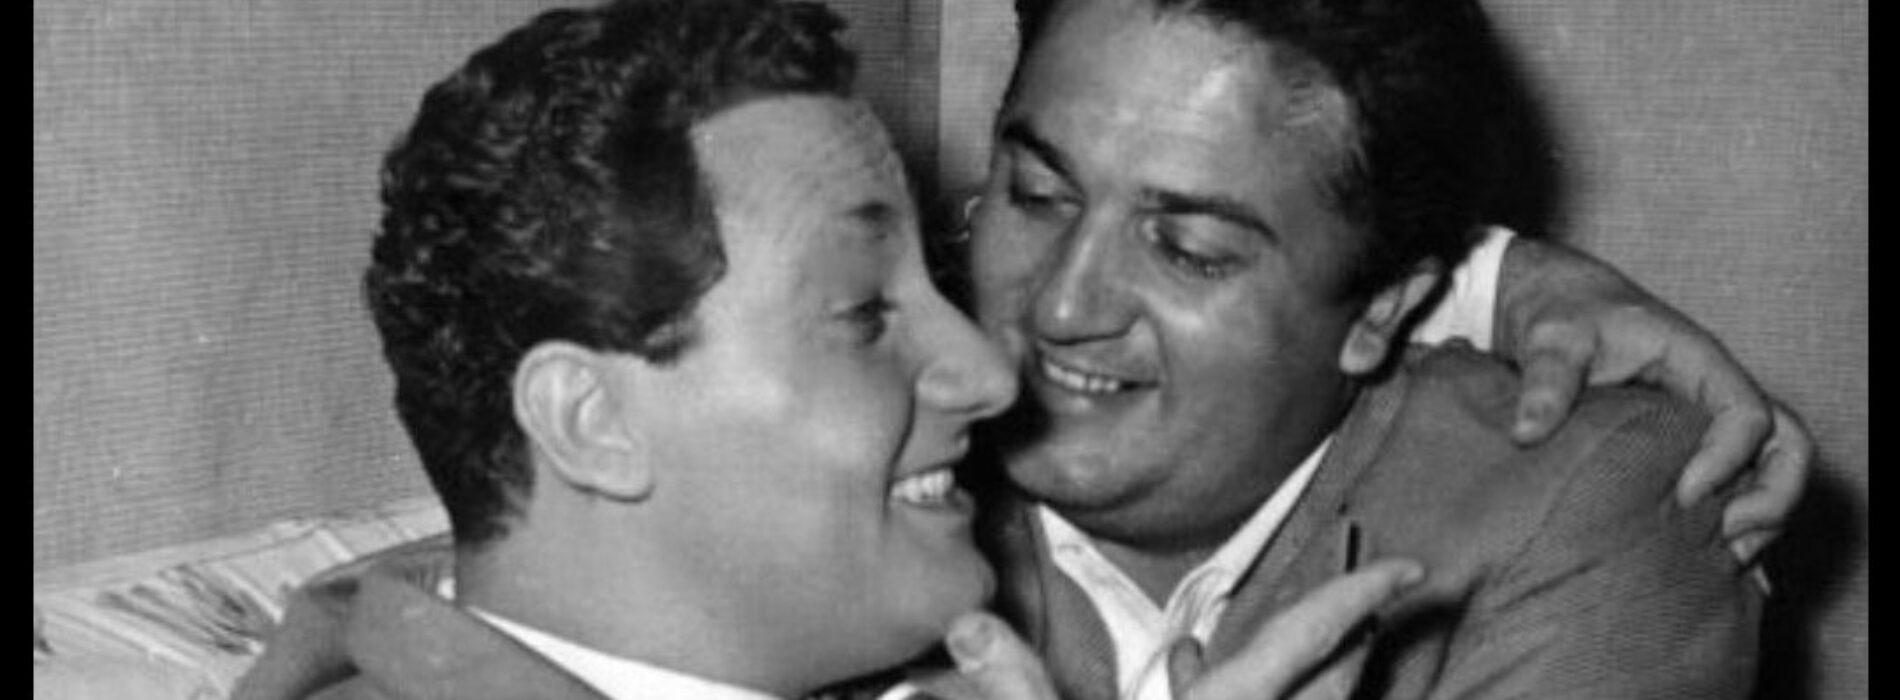 Cento anni … di magica amicizia, omaggio a Fellini e Sordi